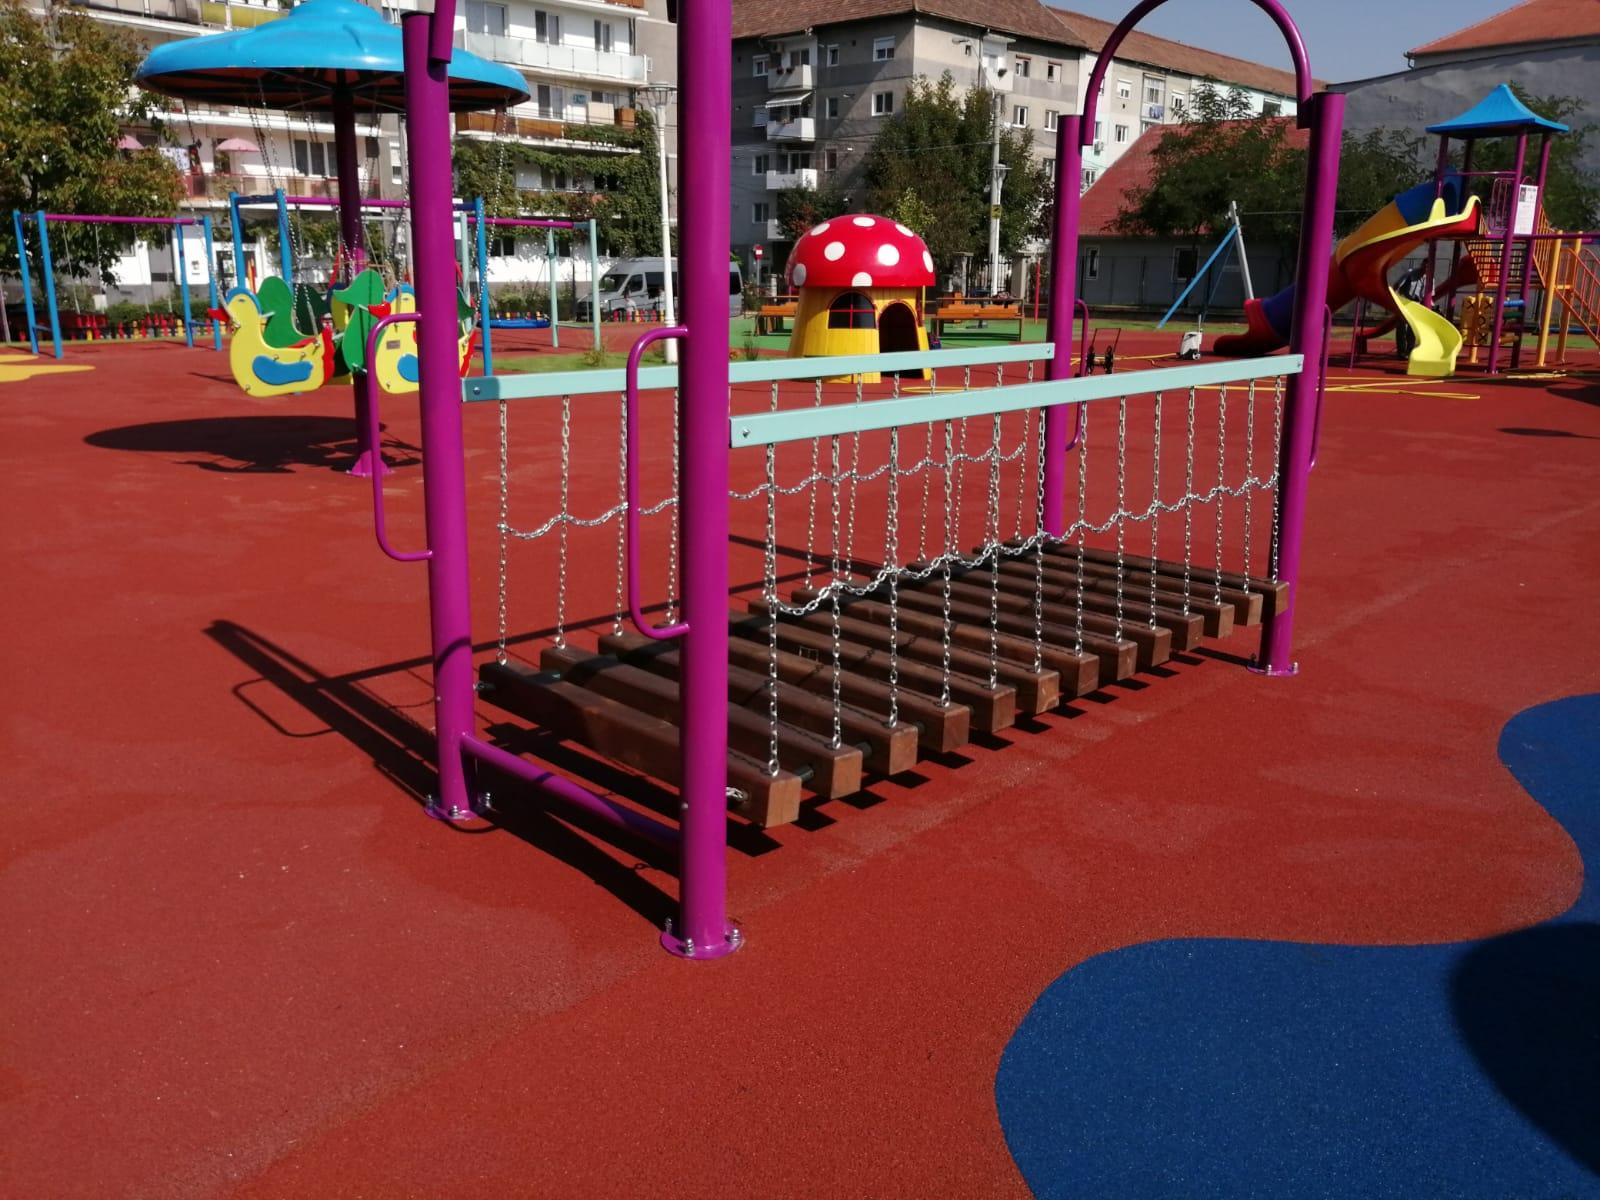 A fost finalizat cel mai recent și modern loc de joacă din municipiul Mediaș